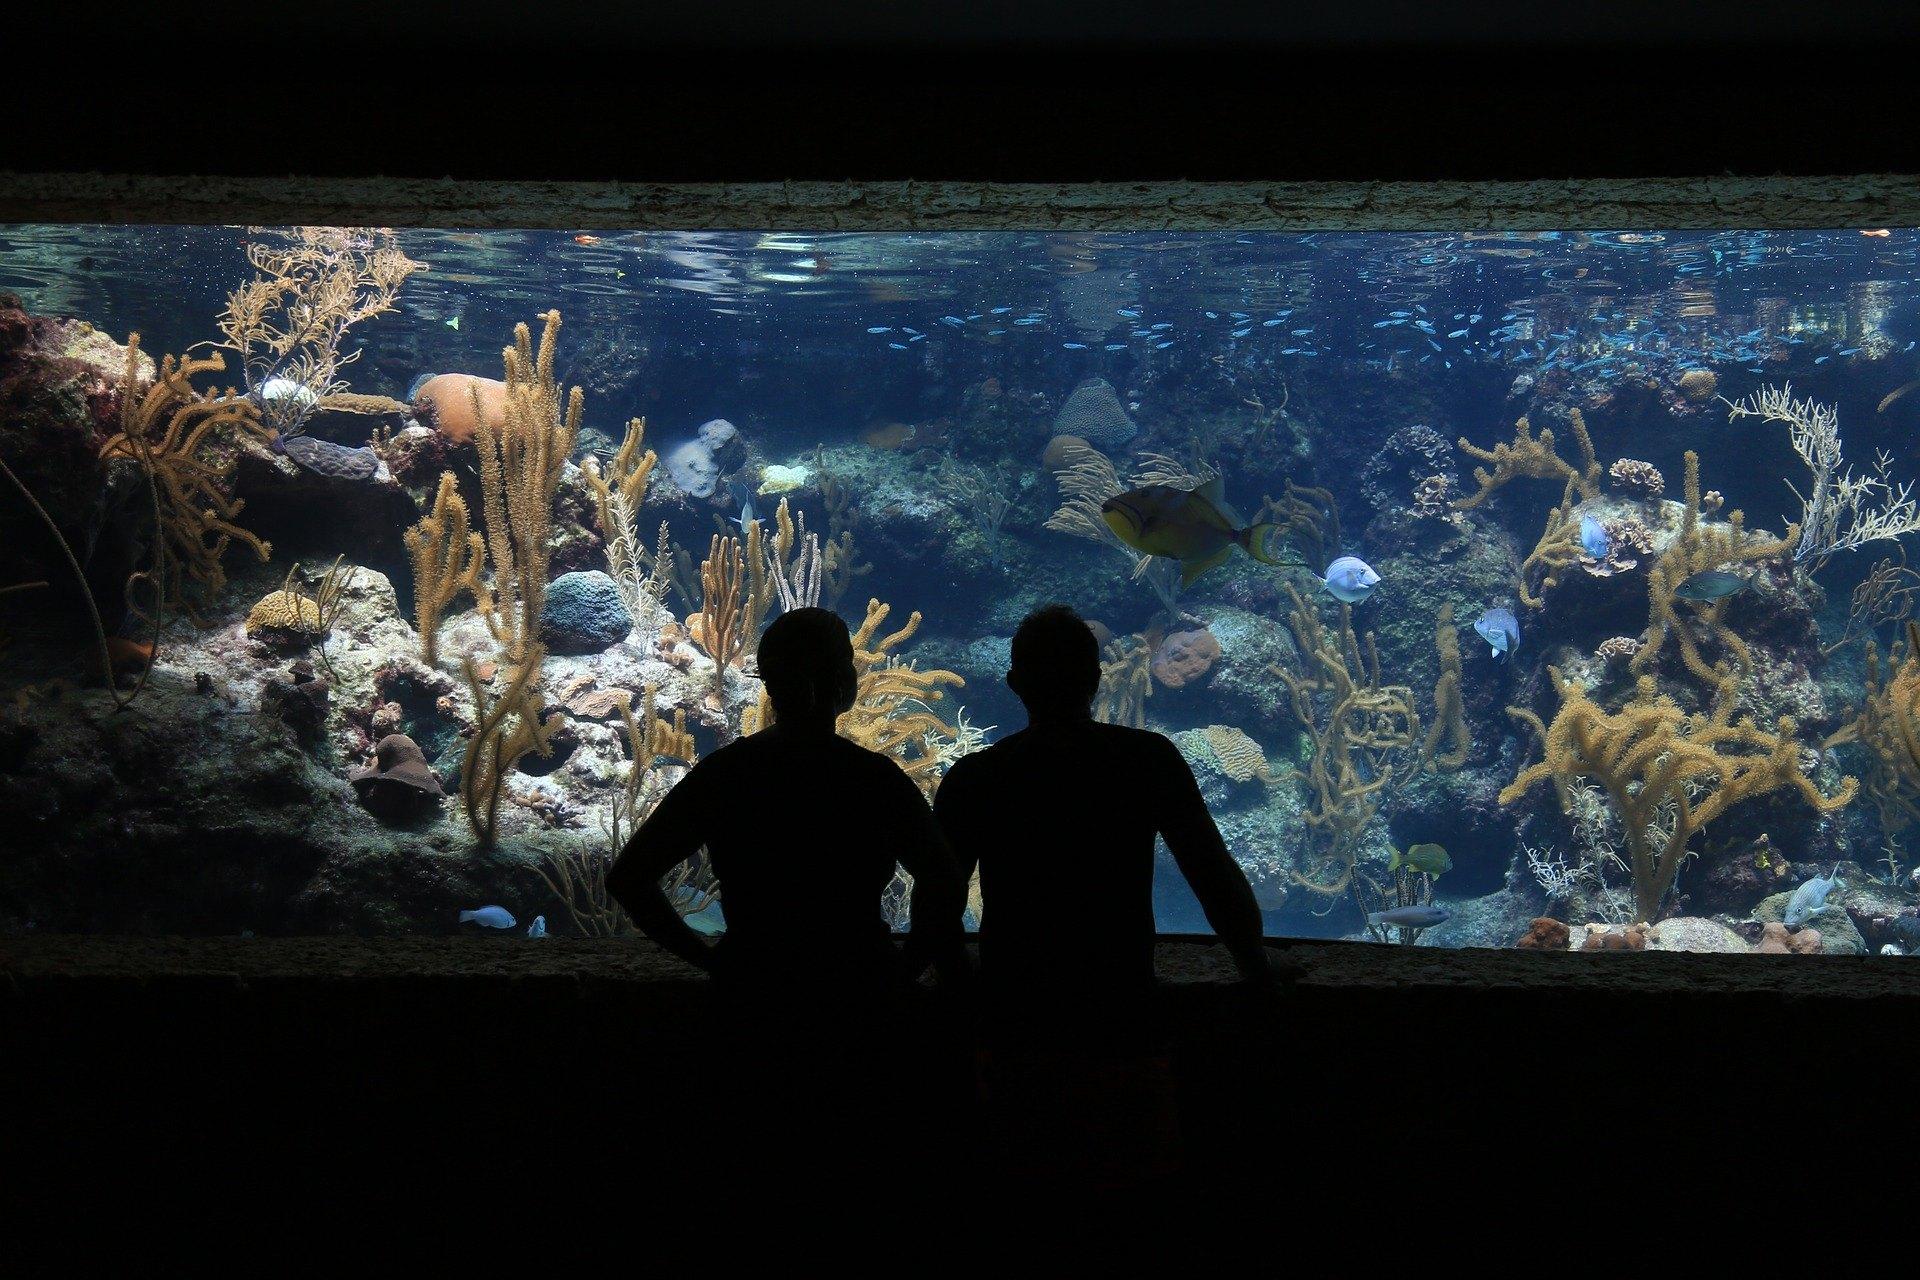 Die Anordnung des Aquariums muss die ästhetischen, technischen und funktionalen Aspekte berücksichtigen. Es kann in einer Vielzahl von Stilen hergestellt werden.